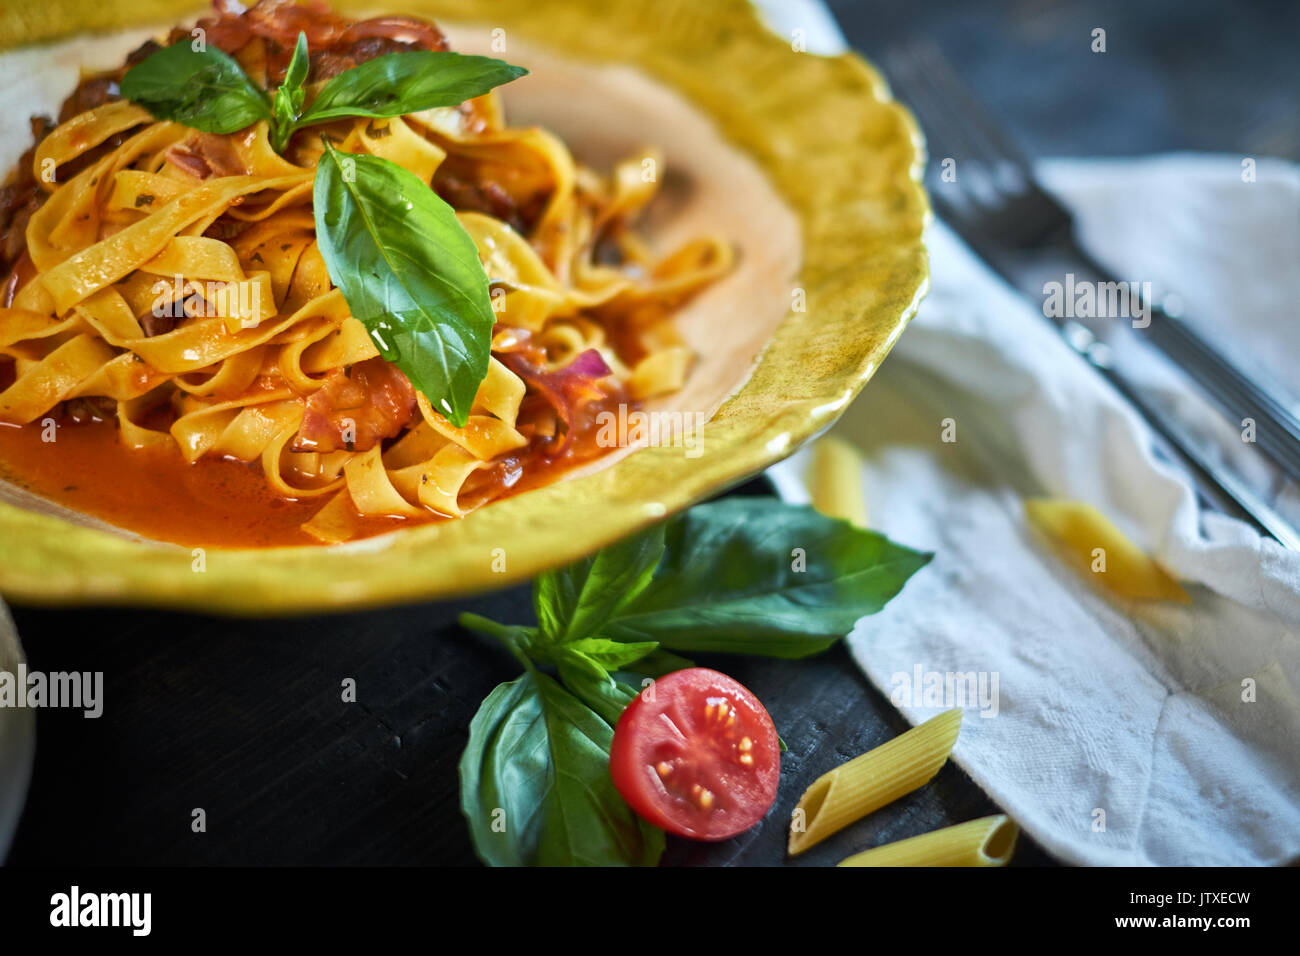 L'Italien pâtes penne aux tomates et pesto dans un restaurant jpg Banque D'Images